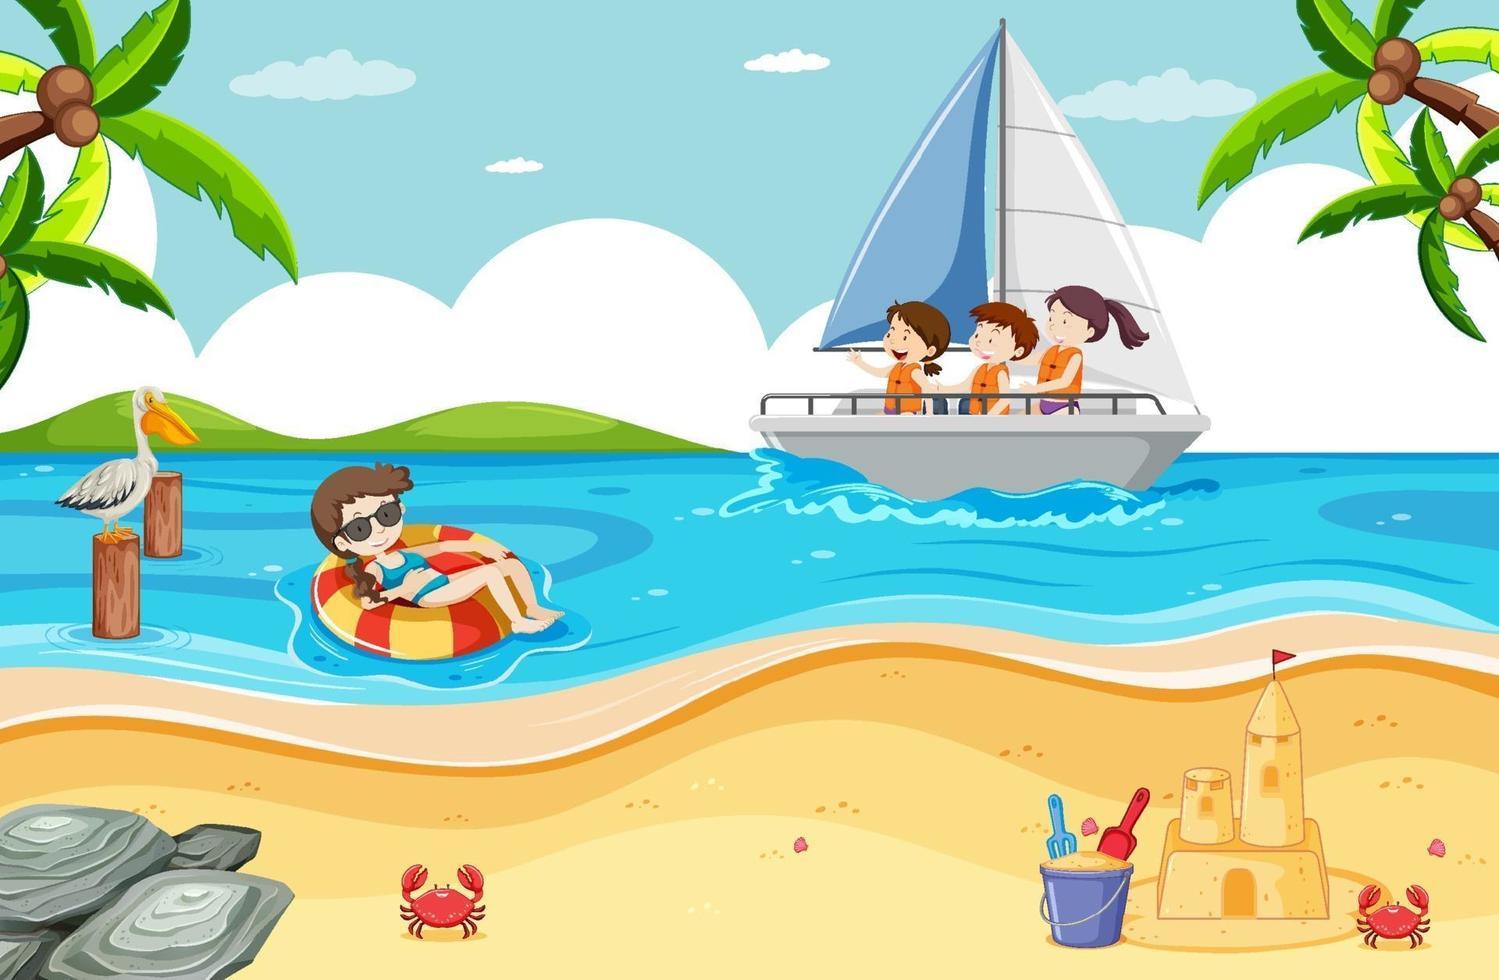 scena della spiaggia con bambini su una barca a vela vettore